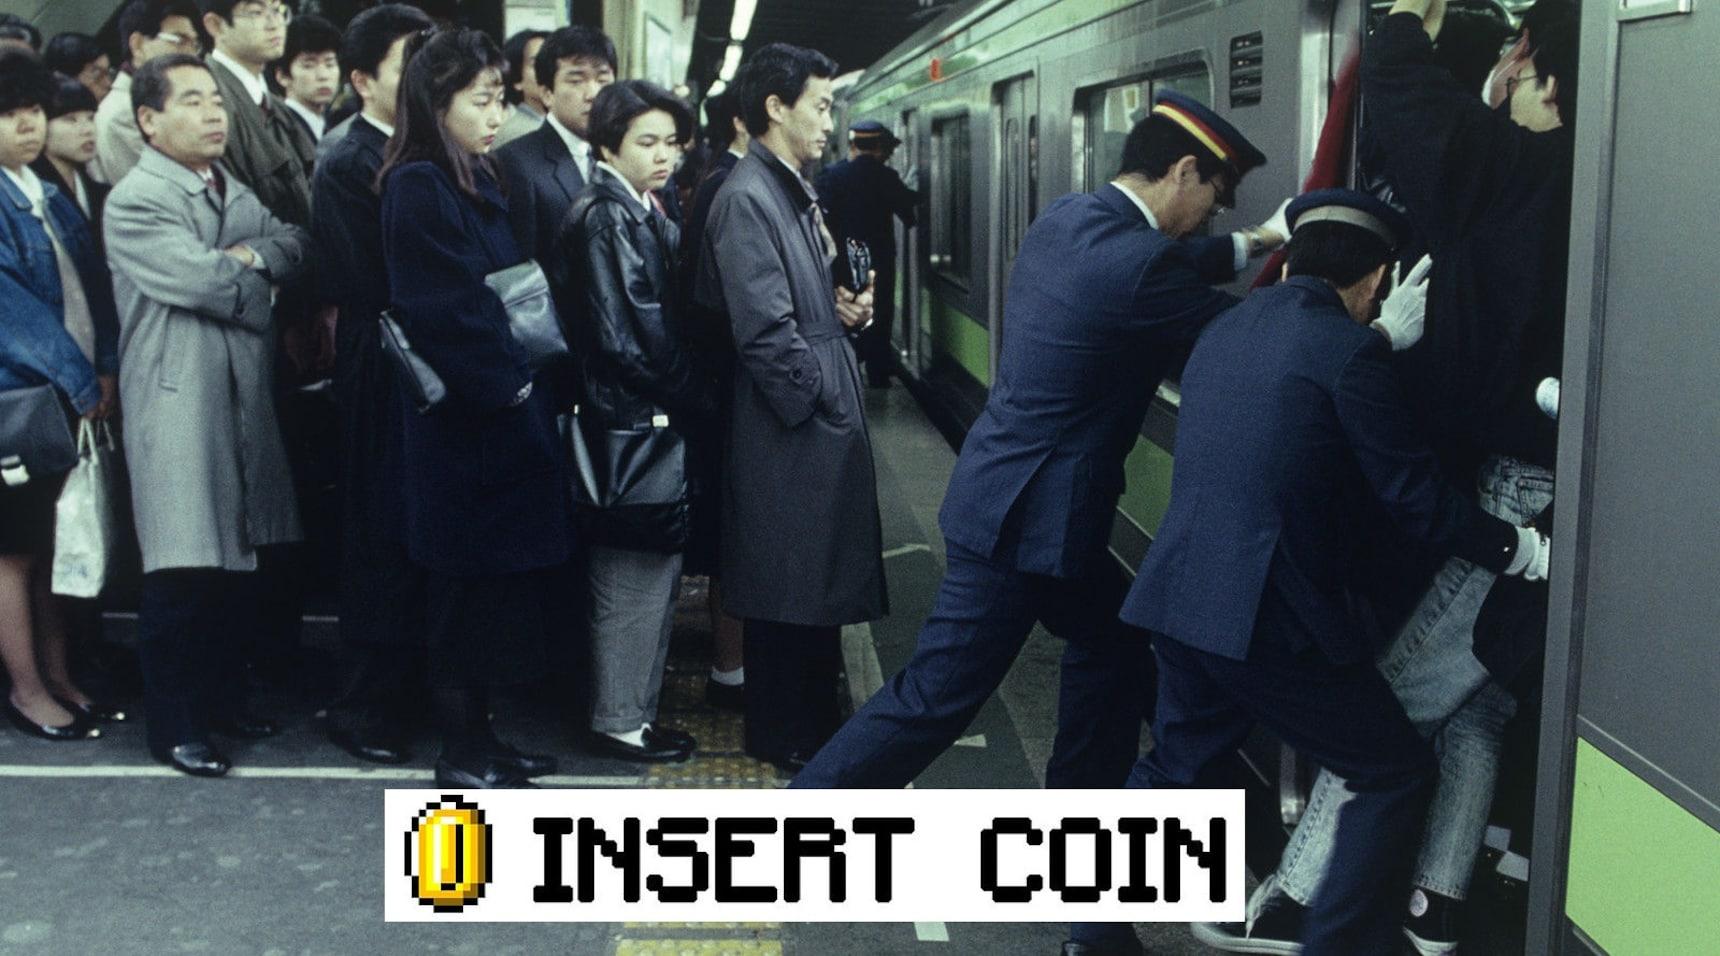 挑戰最高難度乘車體驗 | 從一位遊戲玩家的角度解讀東京電車系統